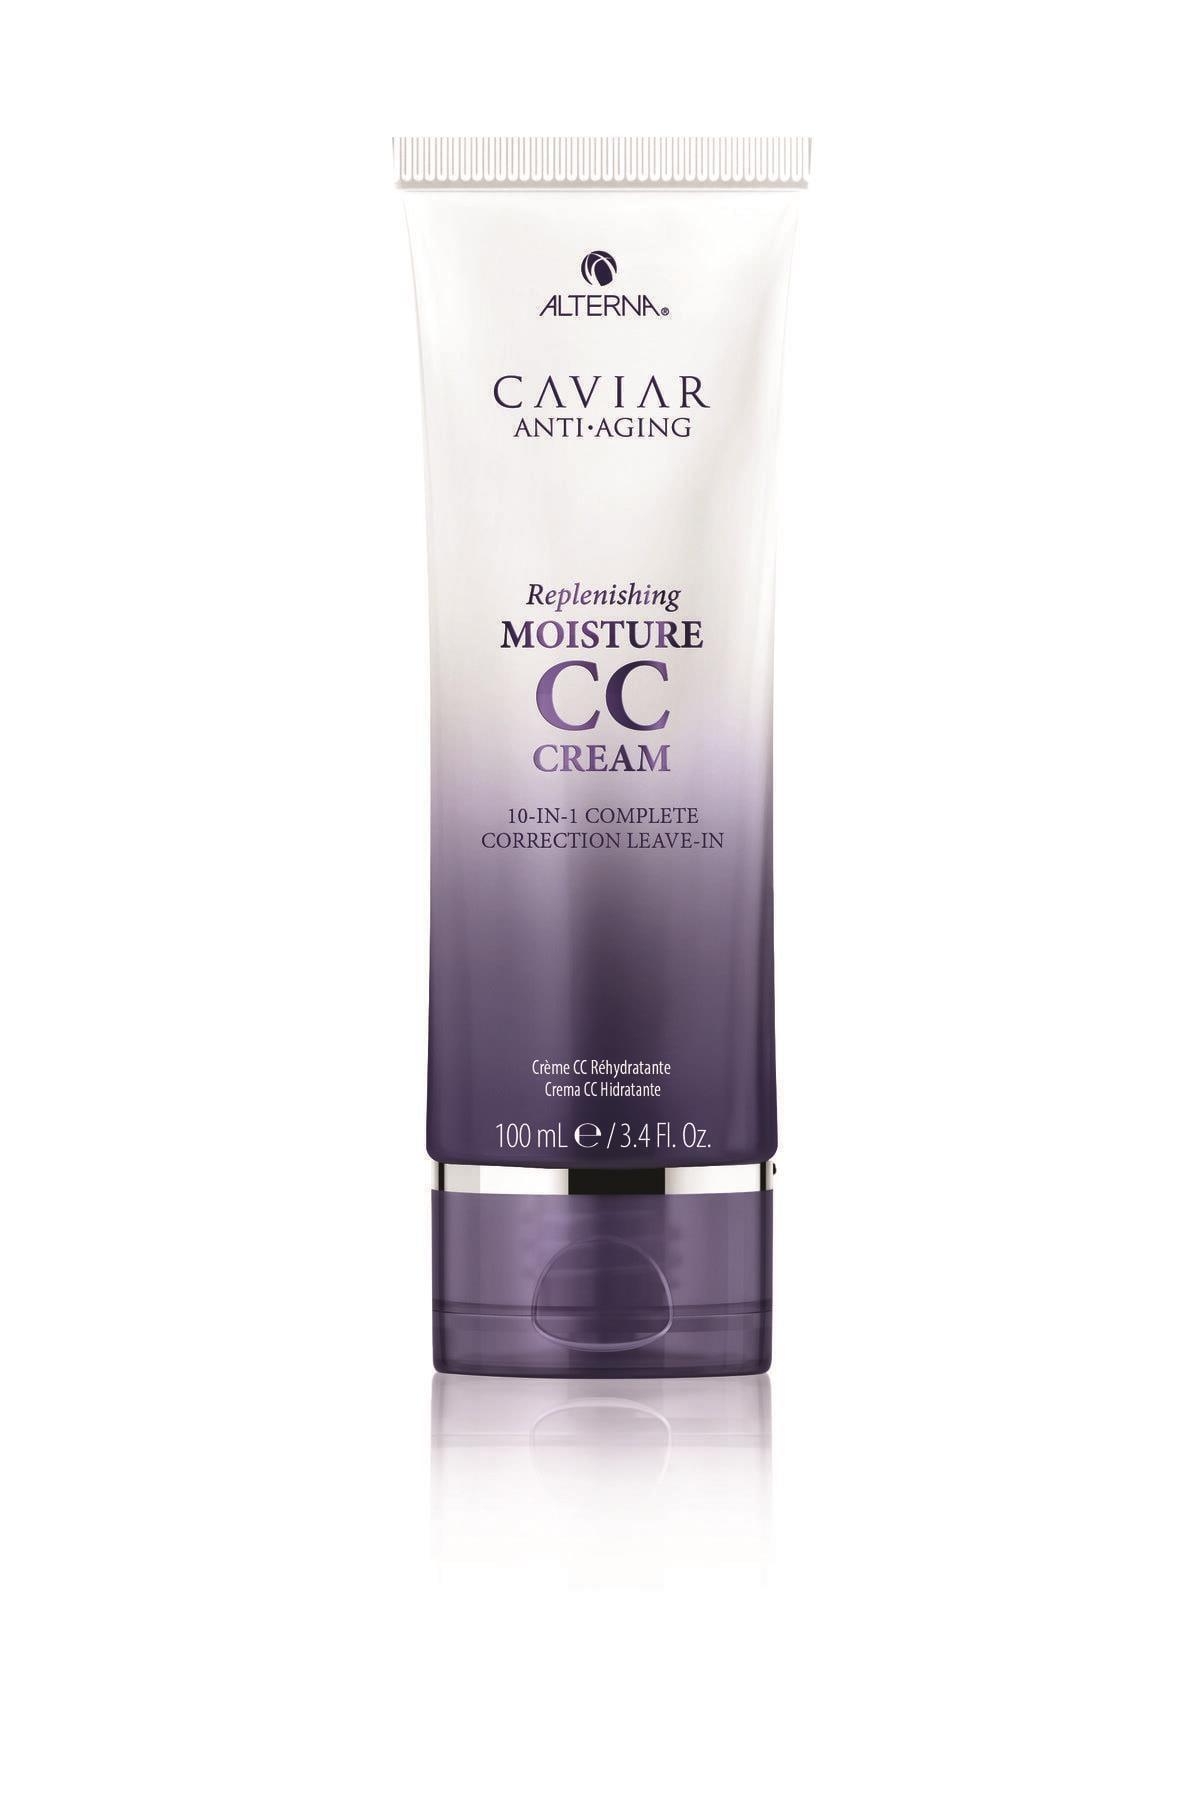 ALTERNA Caviar reposición humedad Cc acondicionador 100 ml